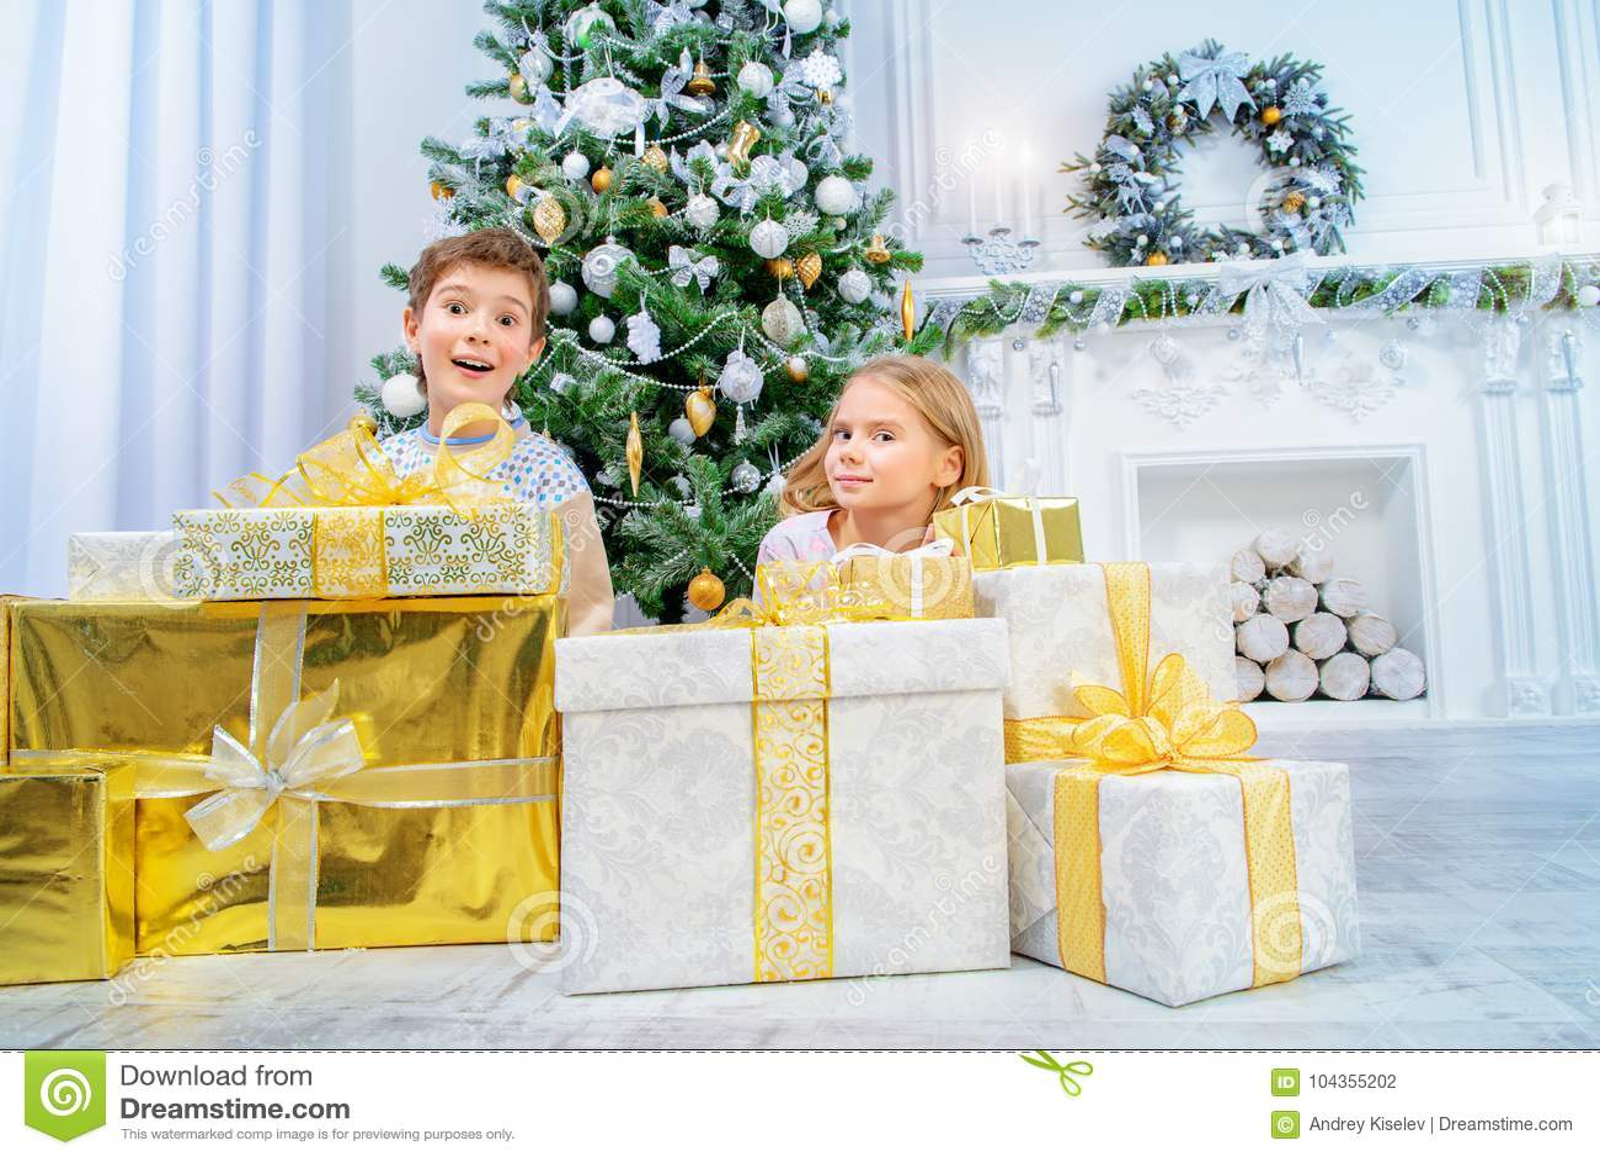 Juego De Ninos En Navidad Foto De Archivo Imagen De Ninos 104355202